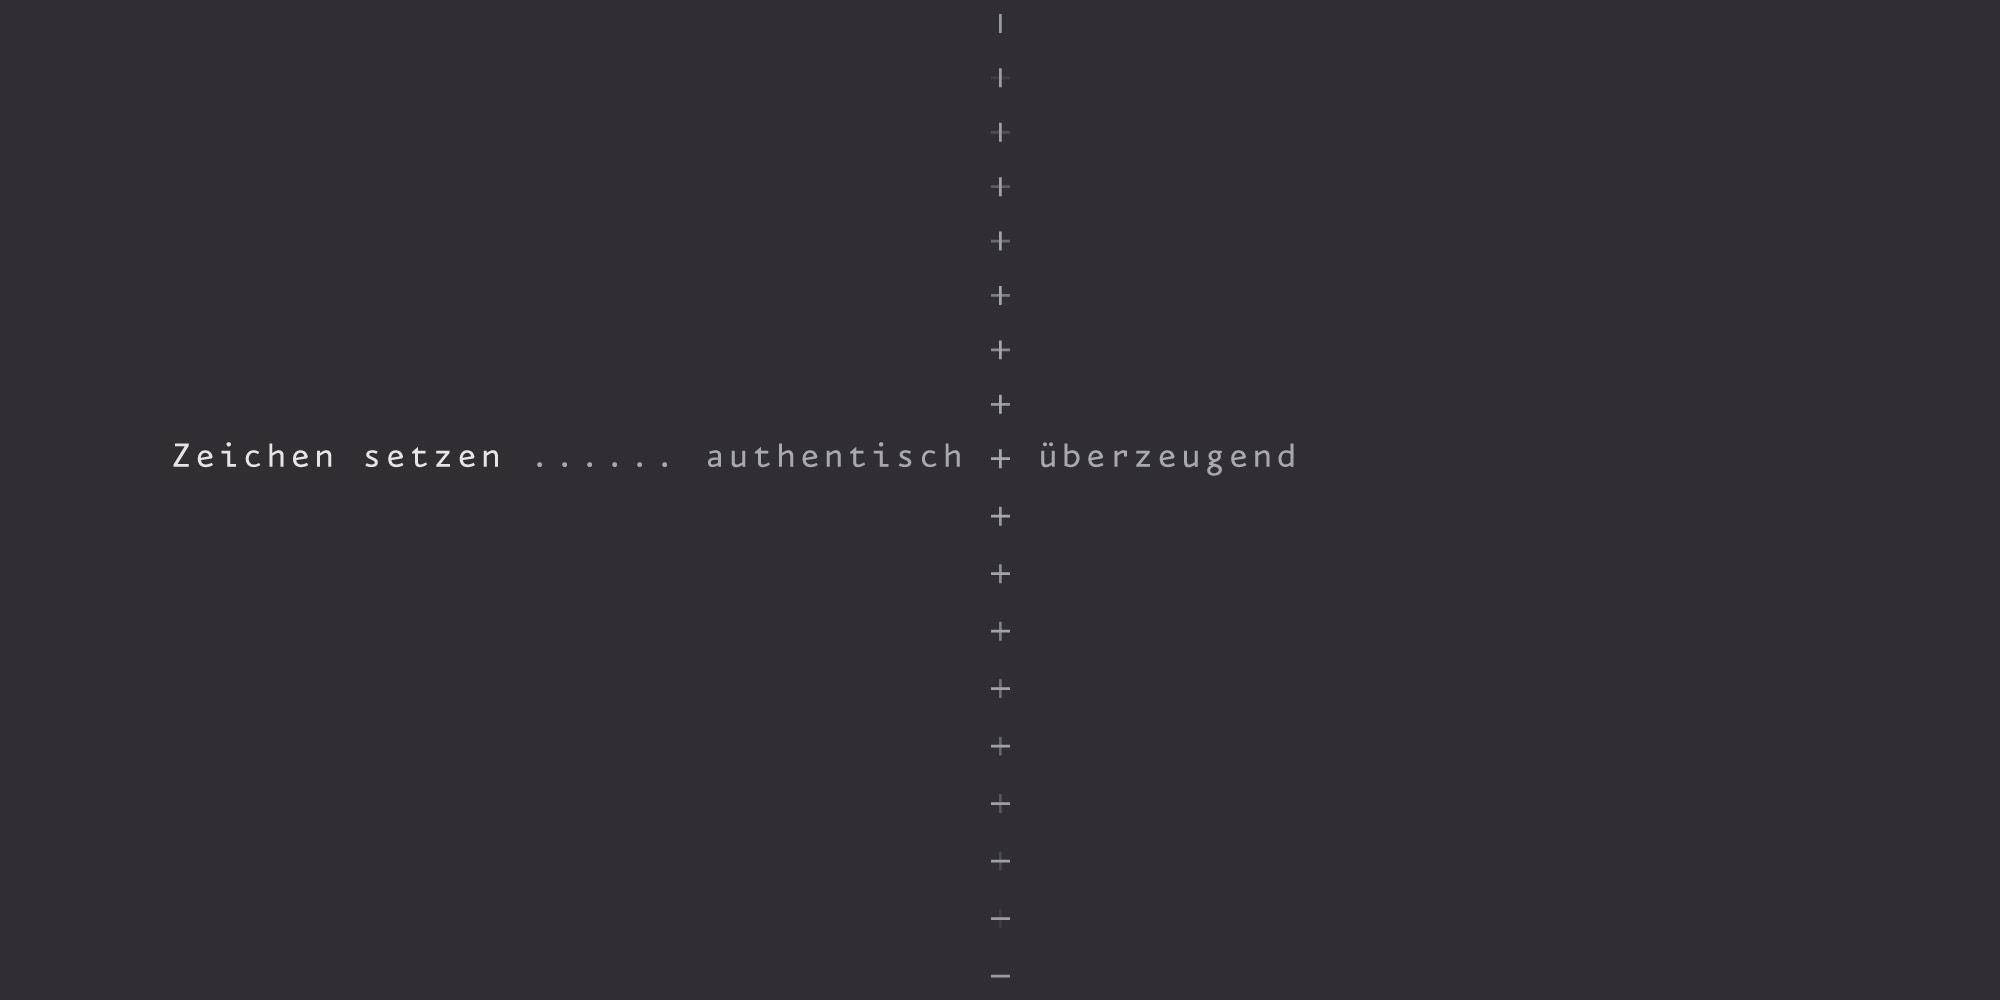 Logoaktualisierung für authentische Logo